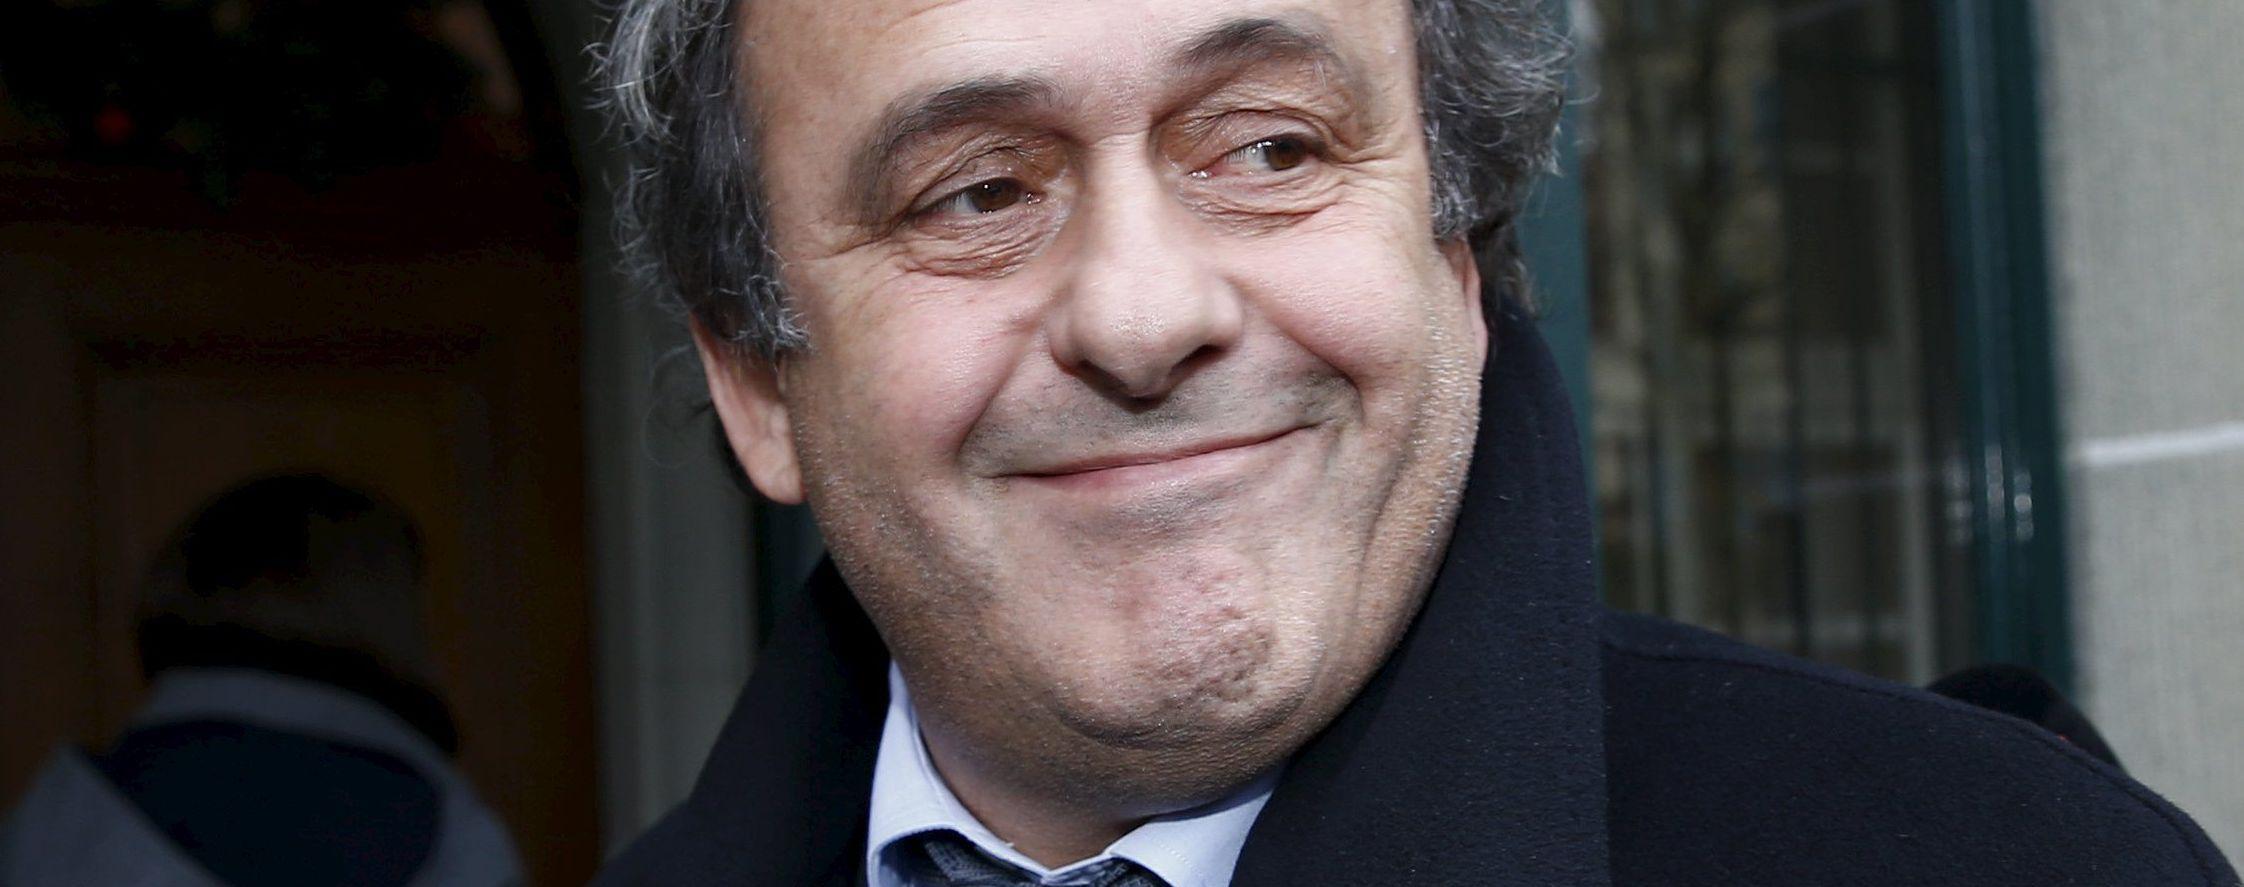 Відеоповтори вб'ють футбол - екс-президент УЄФА